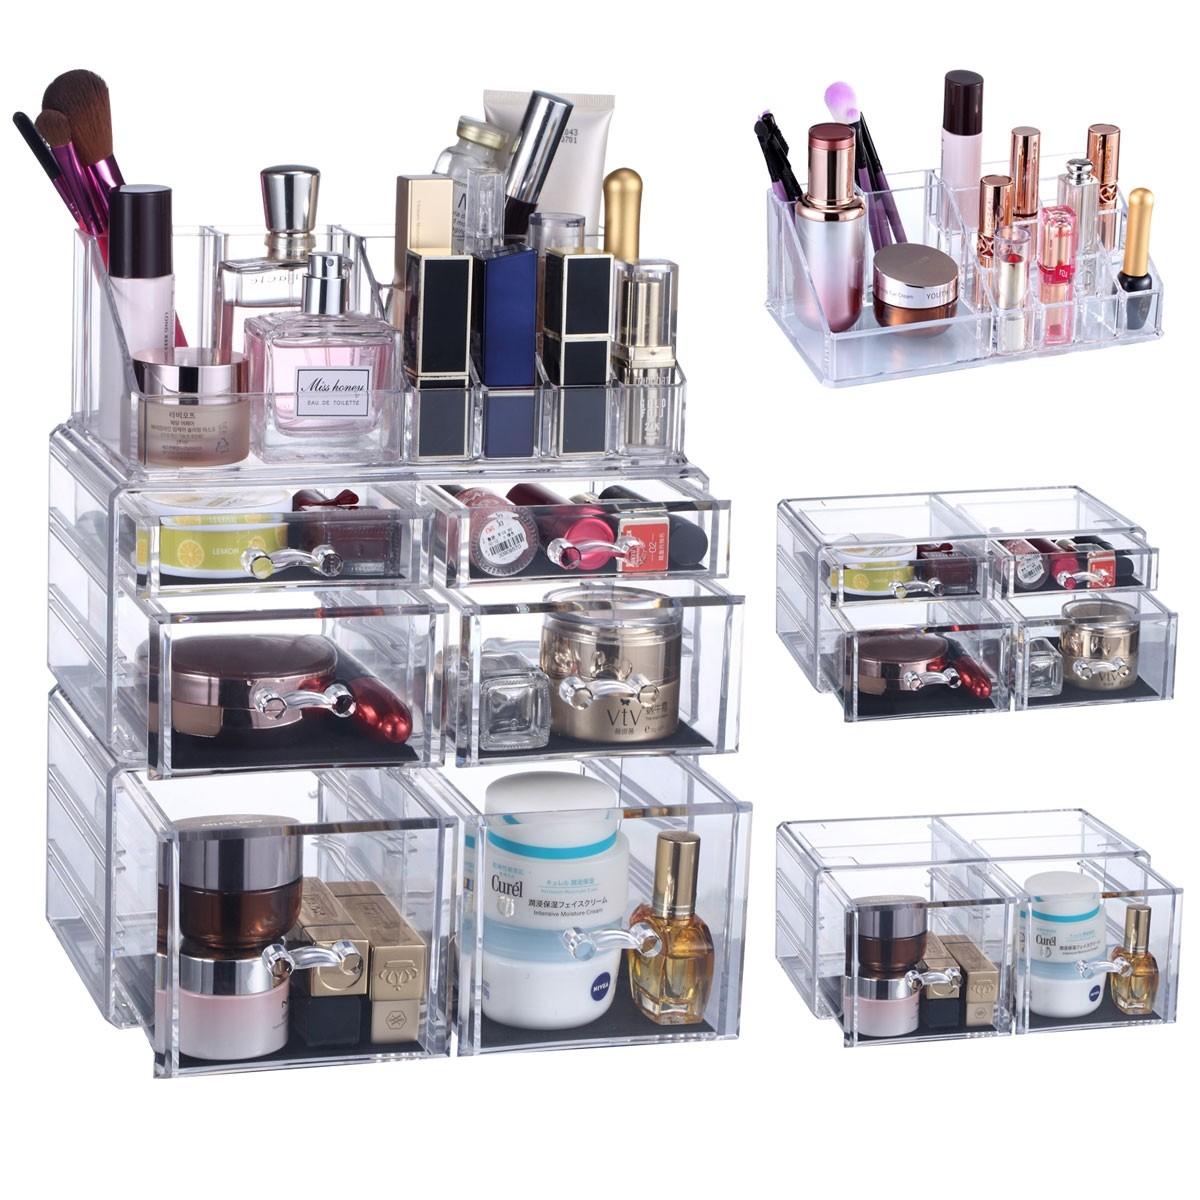 seelux acryl kosmetik make up aufbewahrung organizer mit schubladen und abteile. Black Bedroom Furniture Sets. Home Design Ideas